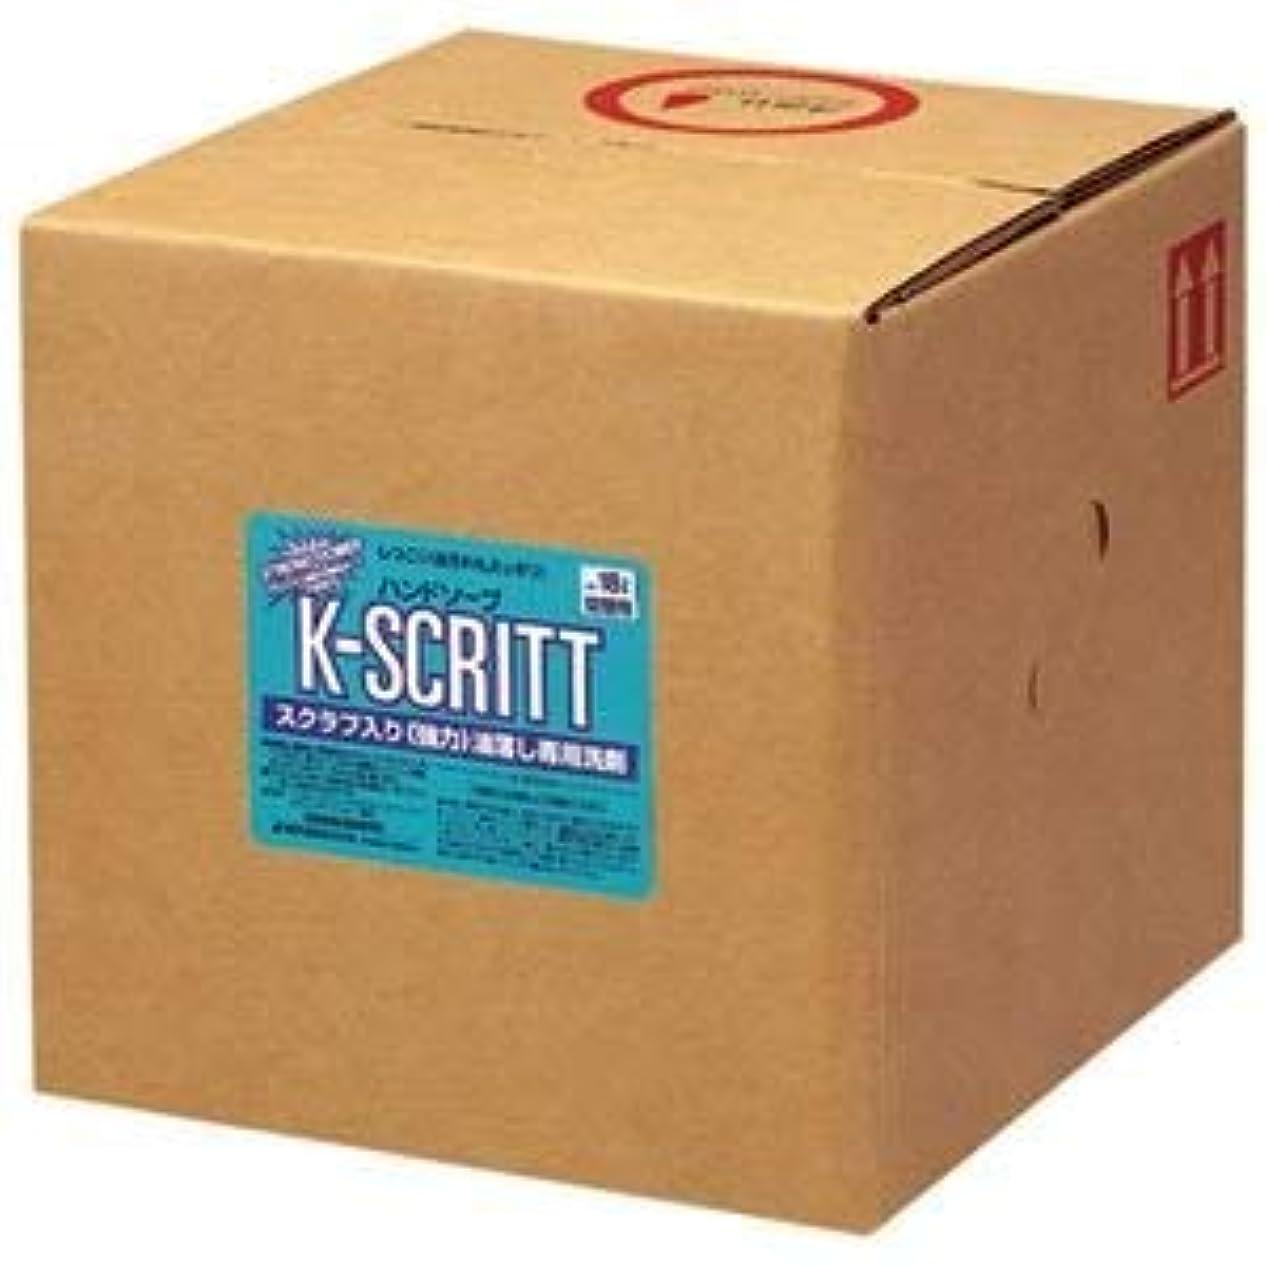 センター未亡人モロニック業務用 液体石鹸 K-スクリット ハンドソープ詰替え 18L 熊野油脂 (コック付き)